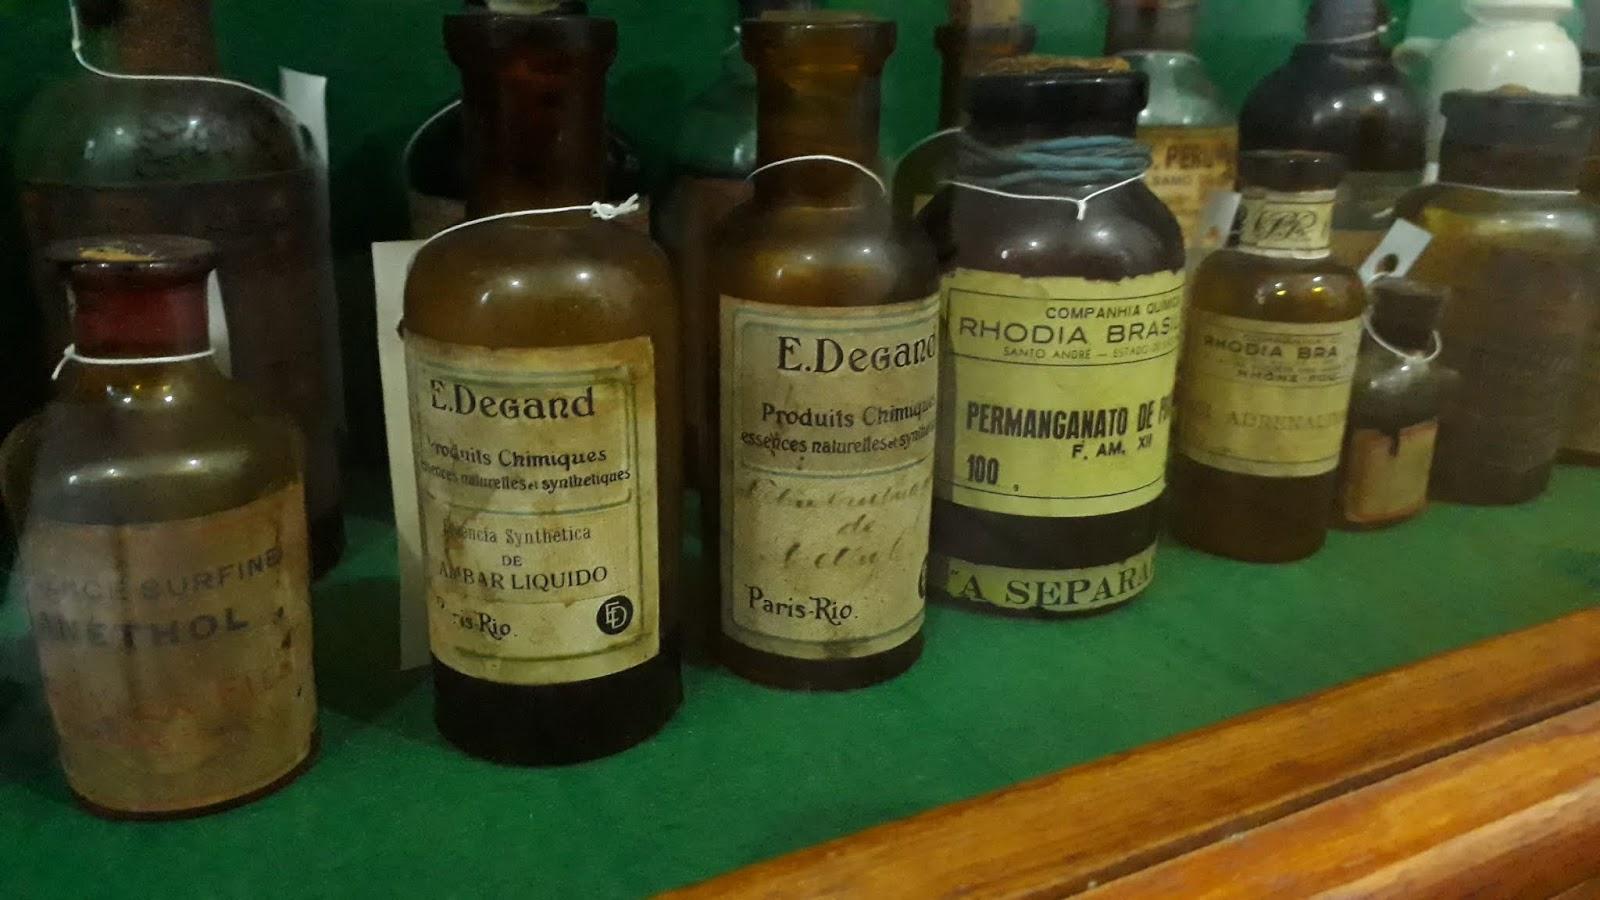 Potes com matéria prima - Museu da farmácia UFOP